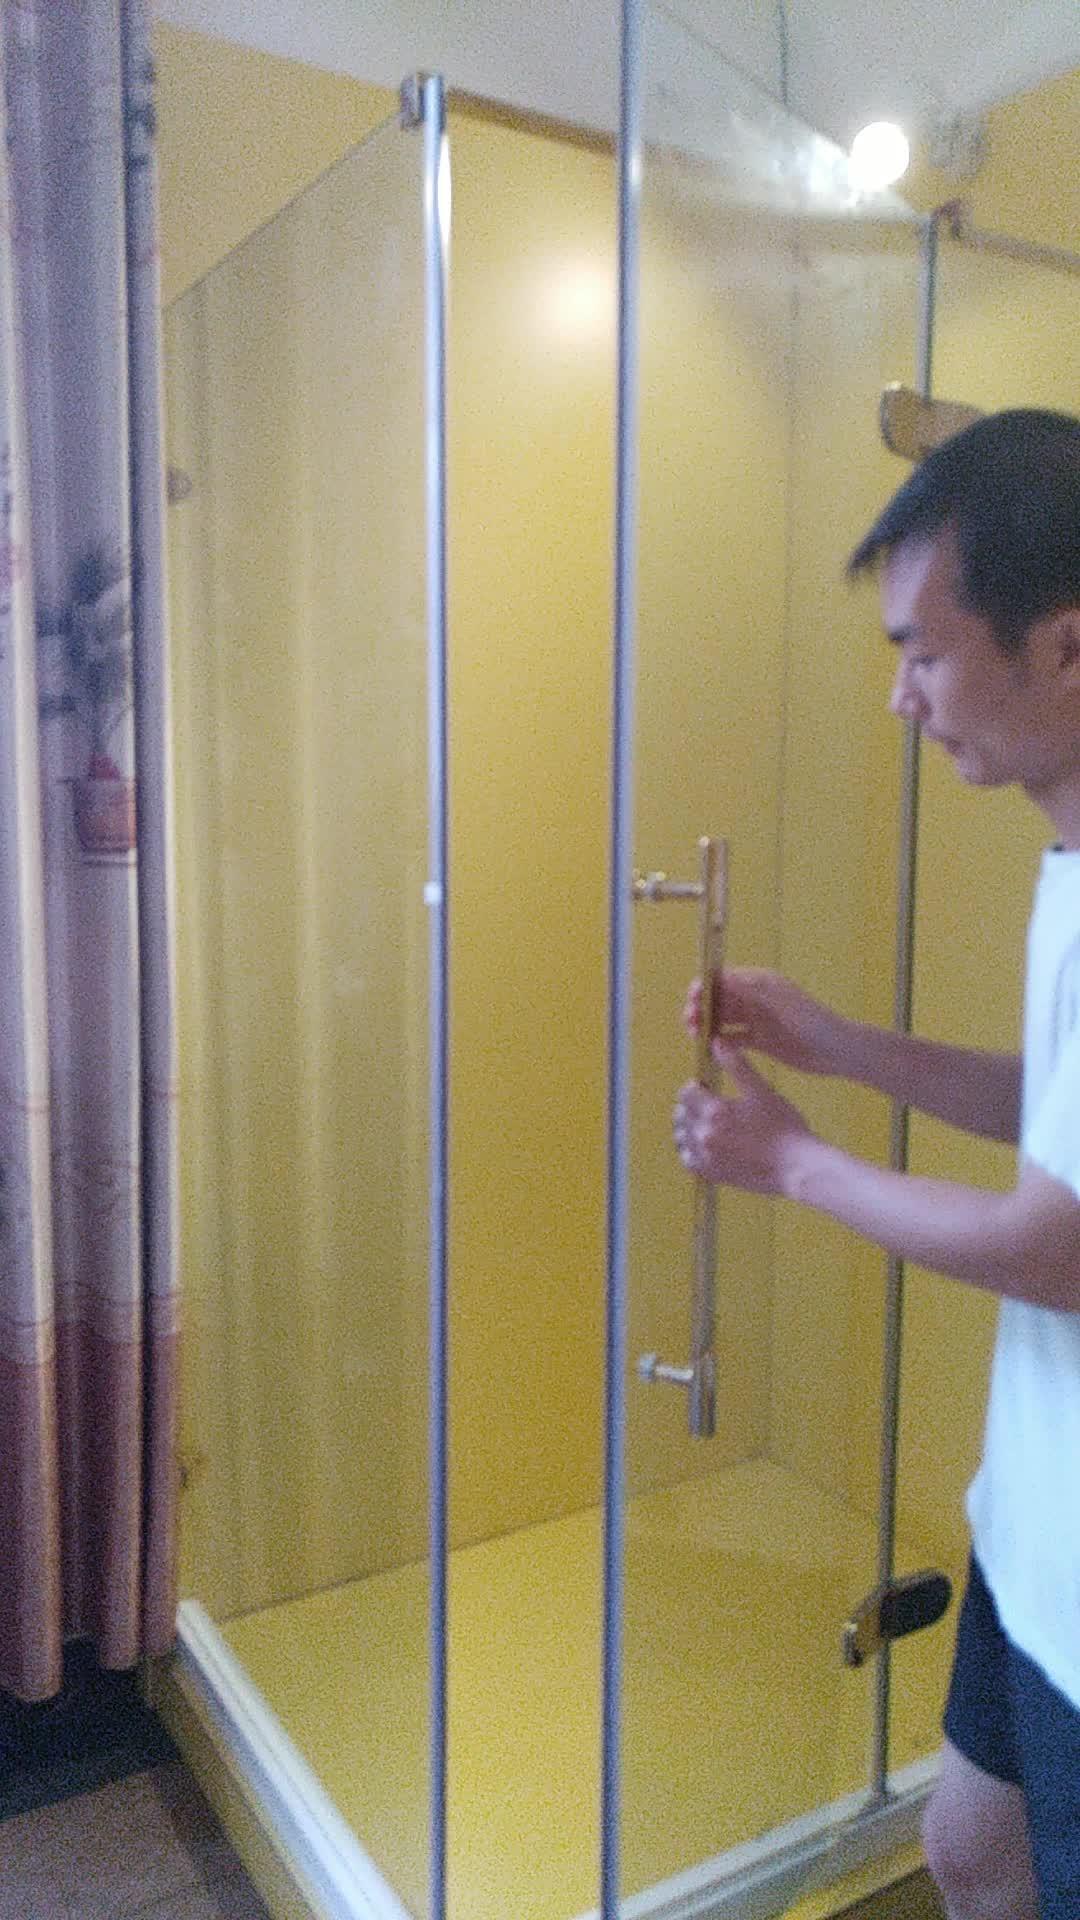 ประตูและหน้าต่างประเภทอุปกรณ์เสริมพีวีซีประตูแม่เหล็กแก้วซีล